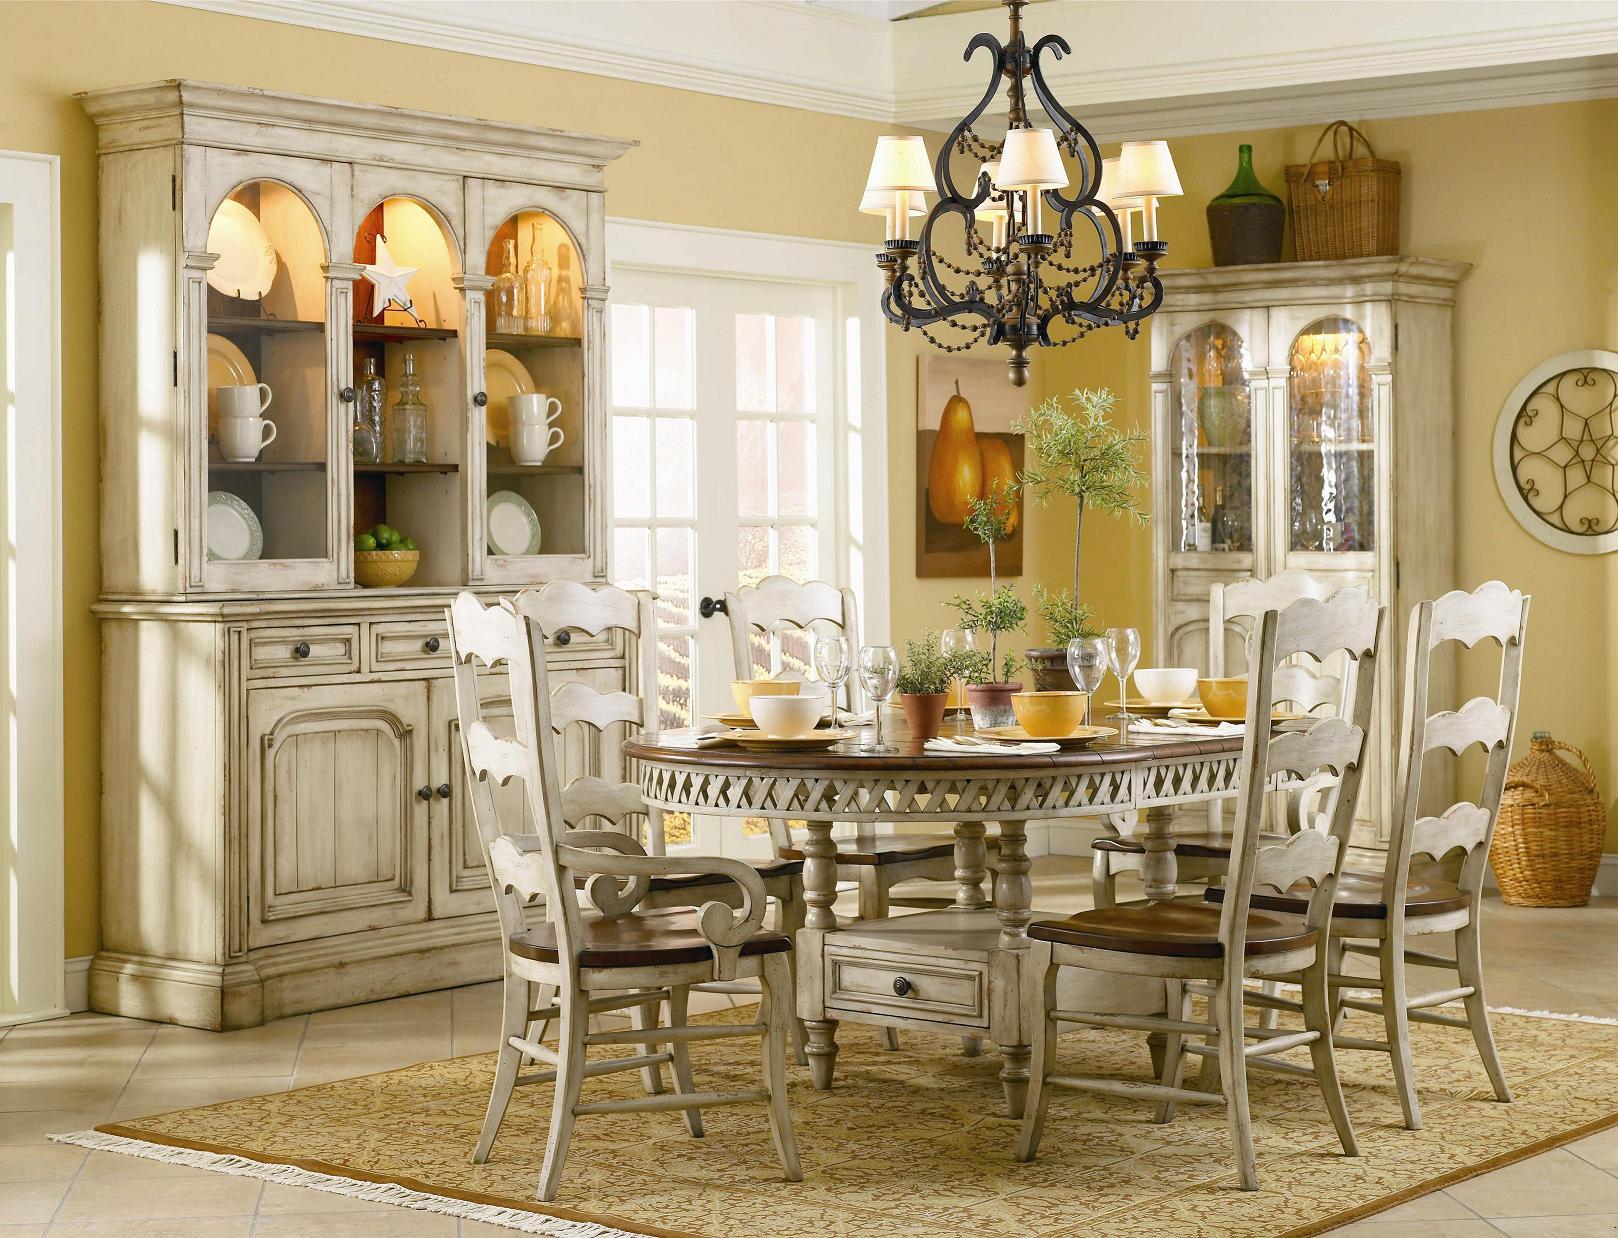 Hooker dining room set